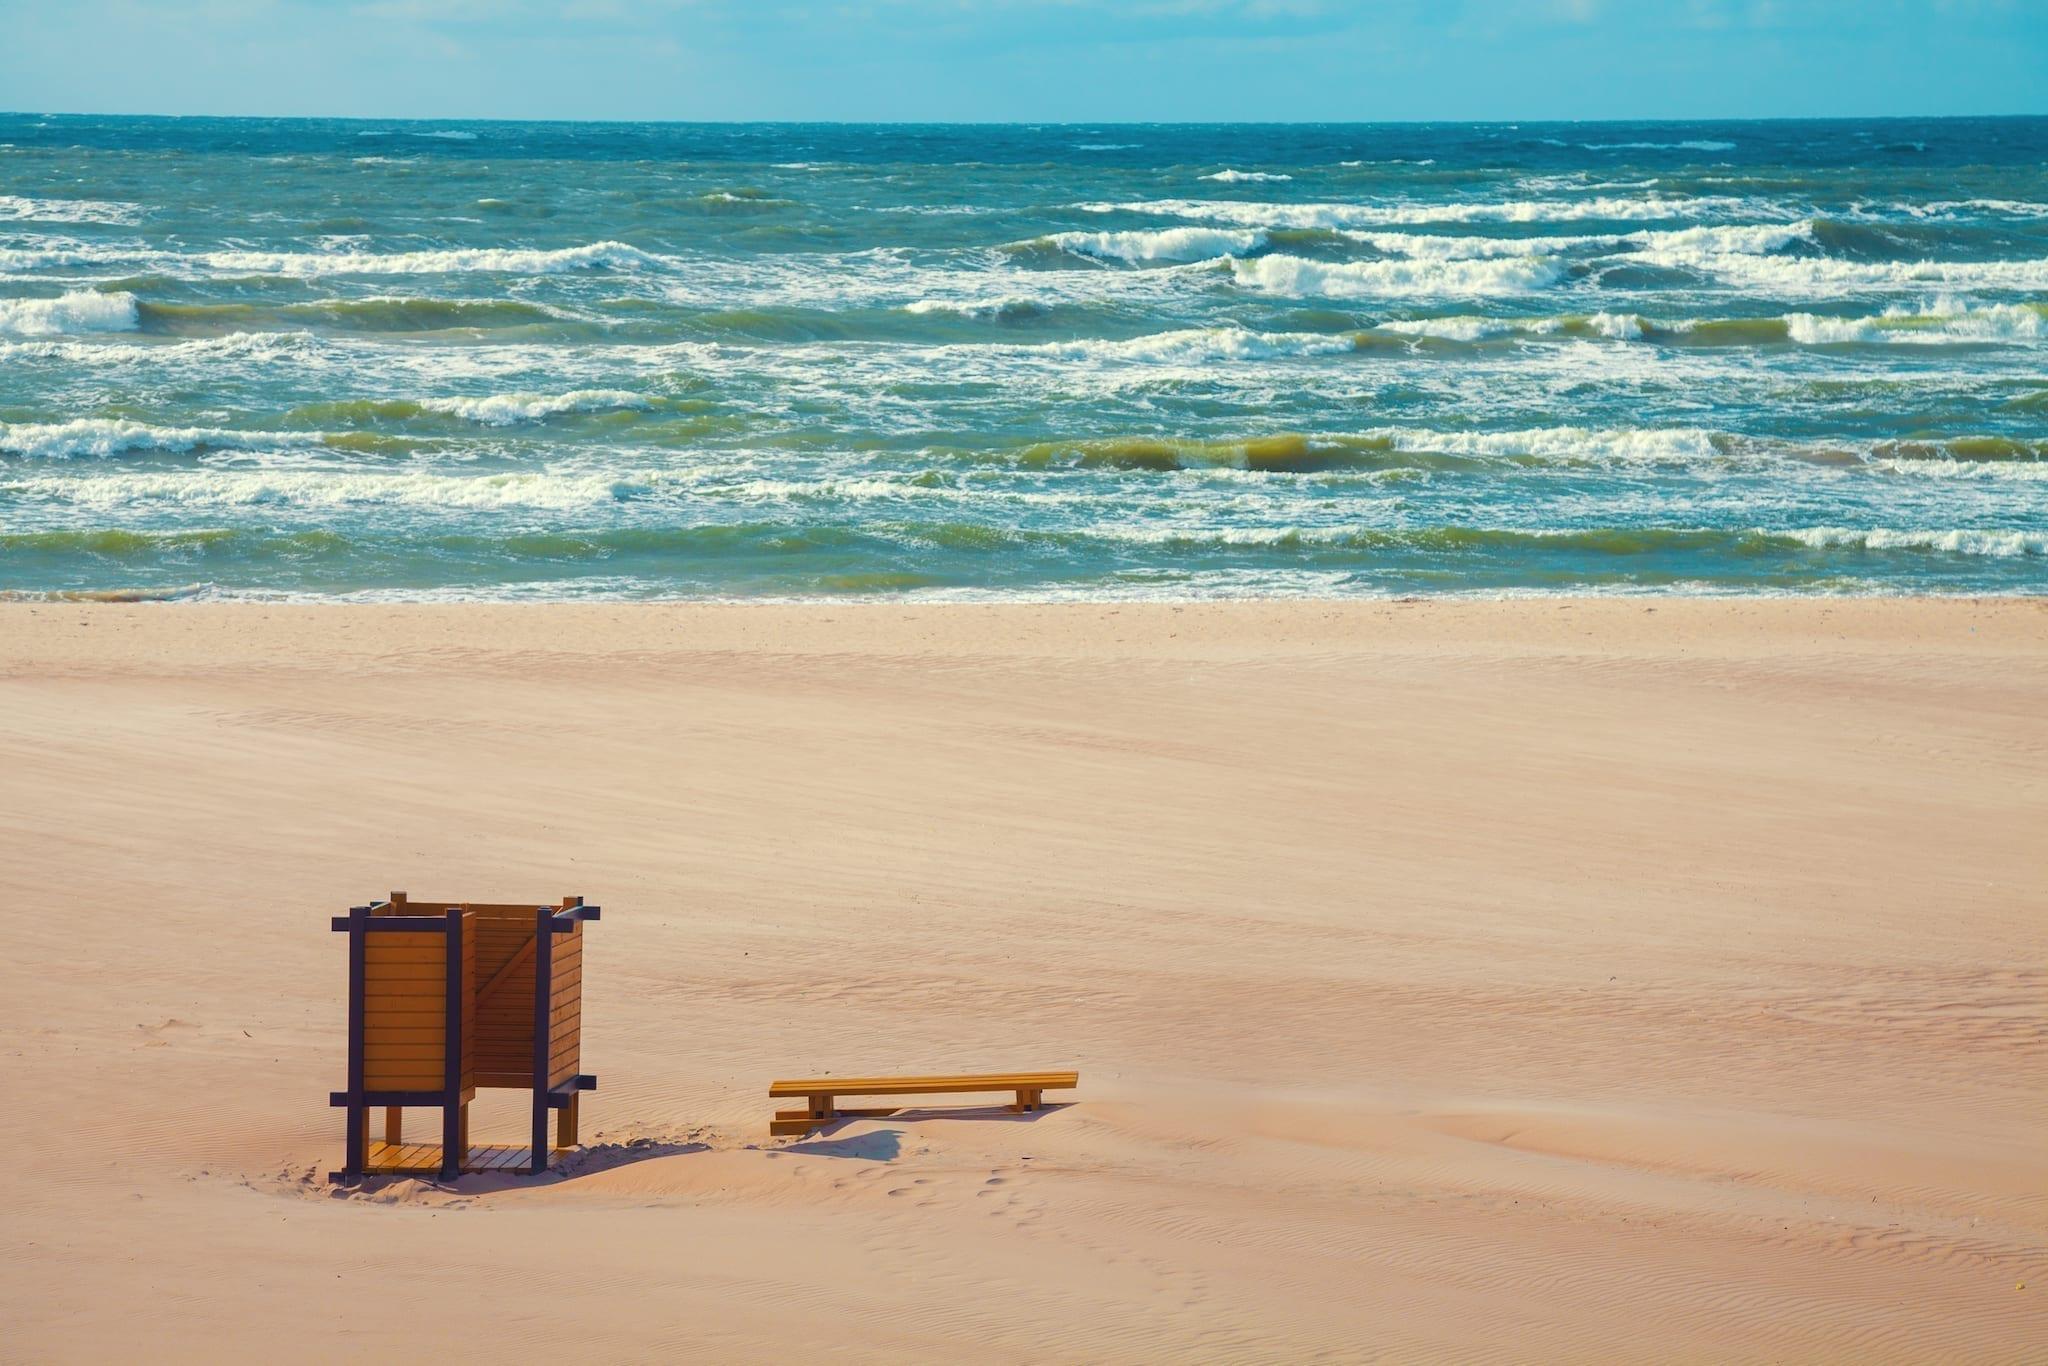 Deserted beach, bench on the beach